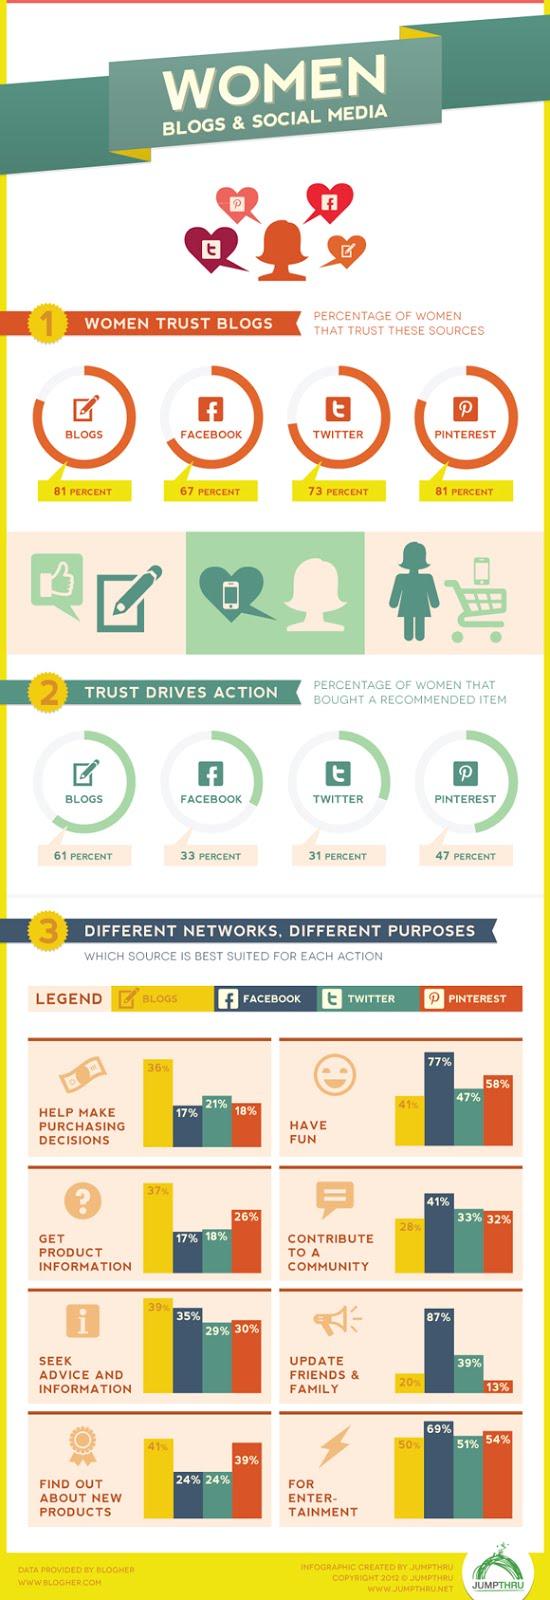 donne-blog-social-media-infografica.jpg